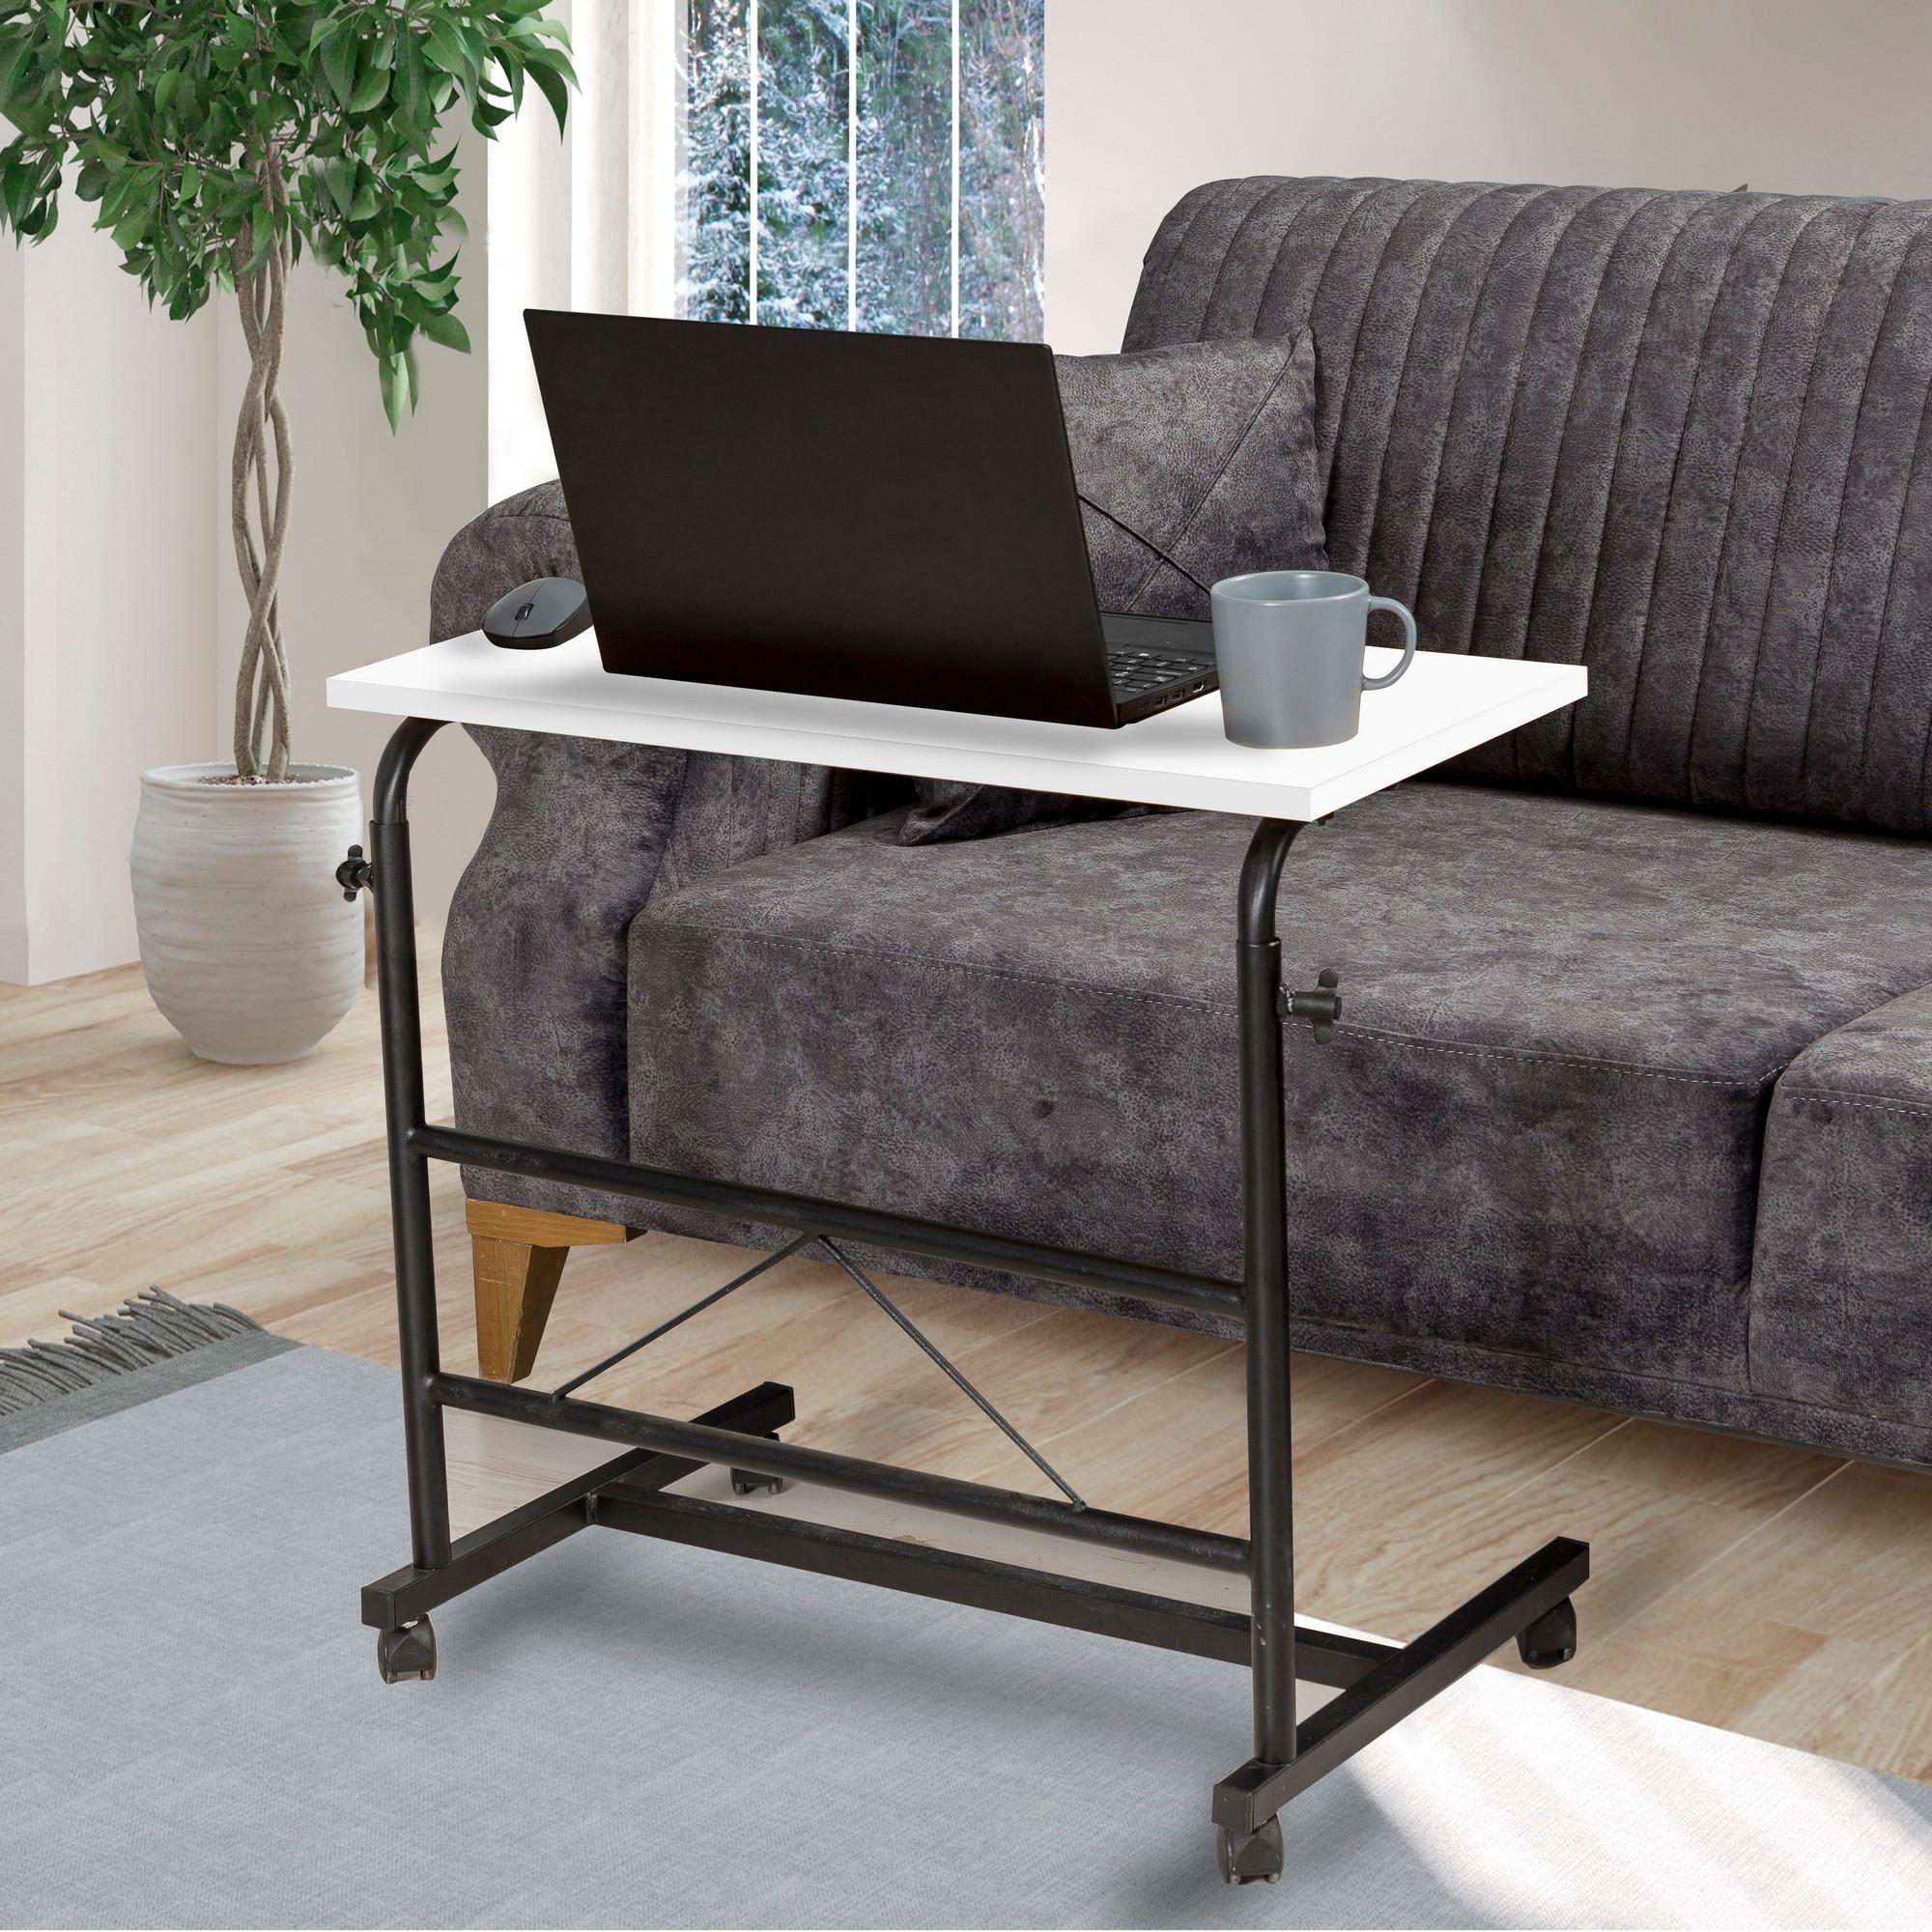 Verstellbarer Laptop-Stehtisch Aris | Schwarz & Weiss